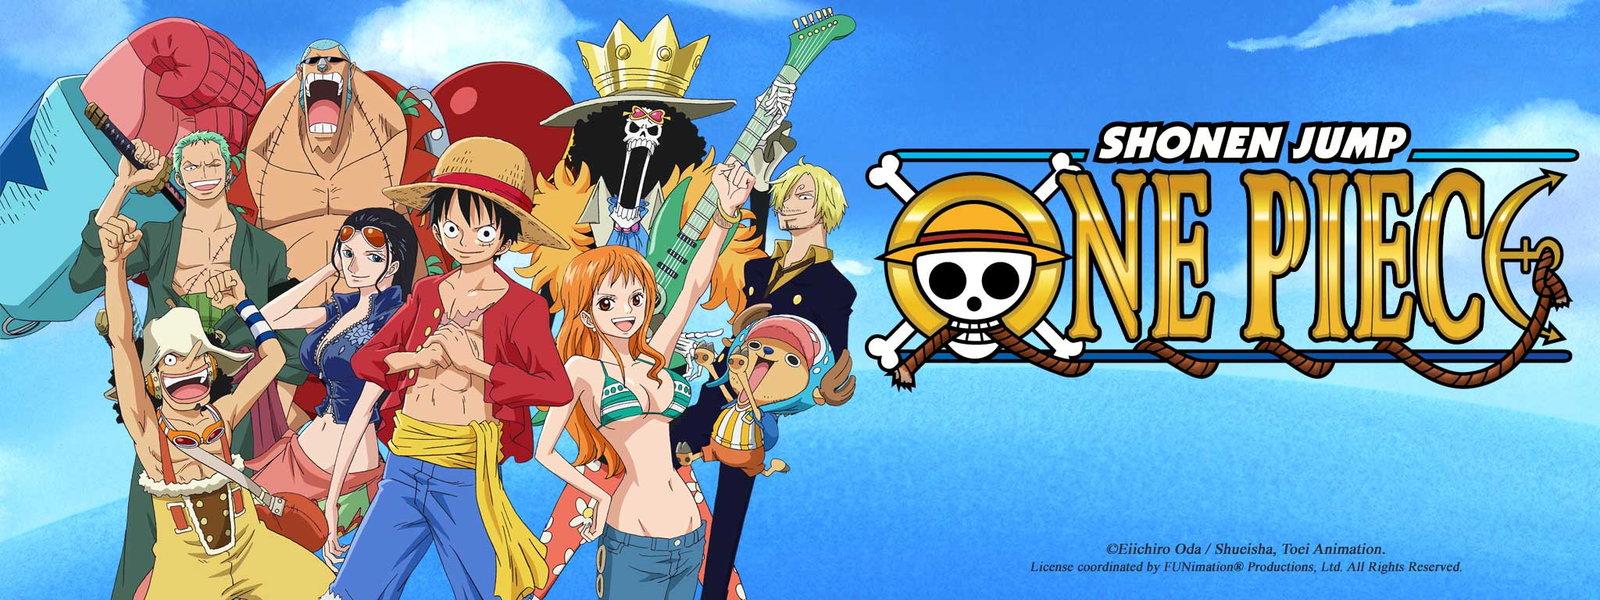 ألحلقة 736 أنمي ون بيس One Piece مترجمة عربي